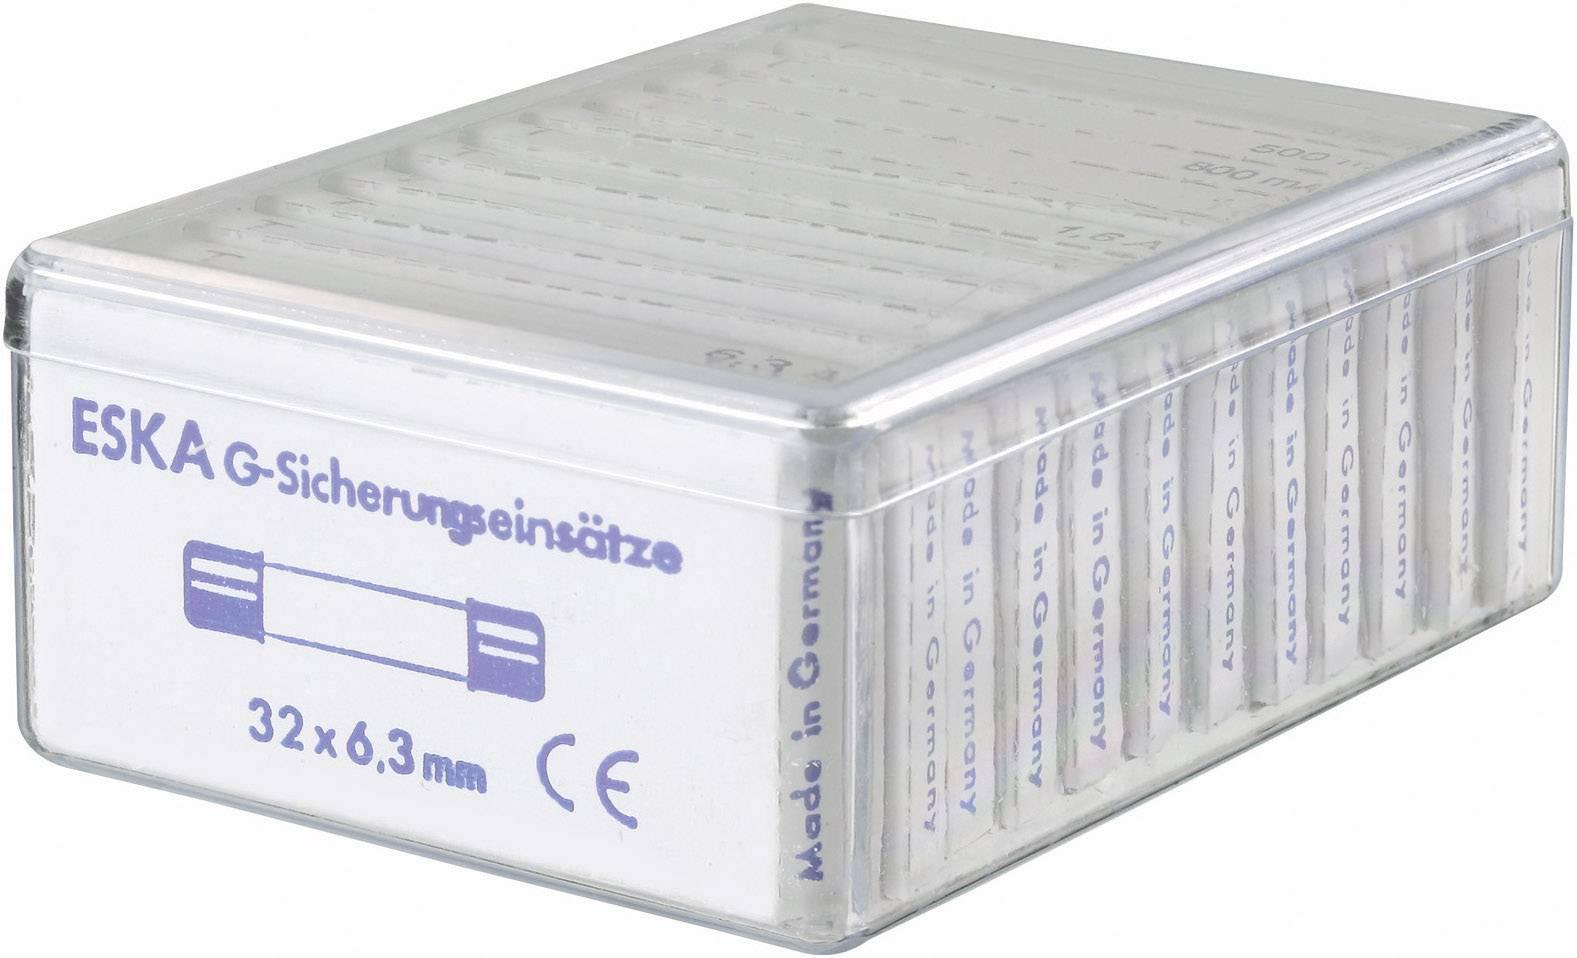 Sada jemných poistiek ESKA 632830, (Ø x d) 6.3 mm x 32 mm, pomalý -T-, 120 dielov